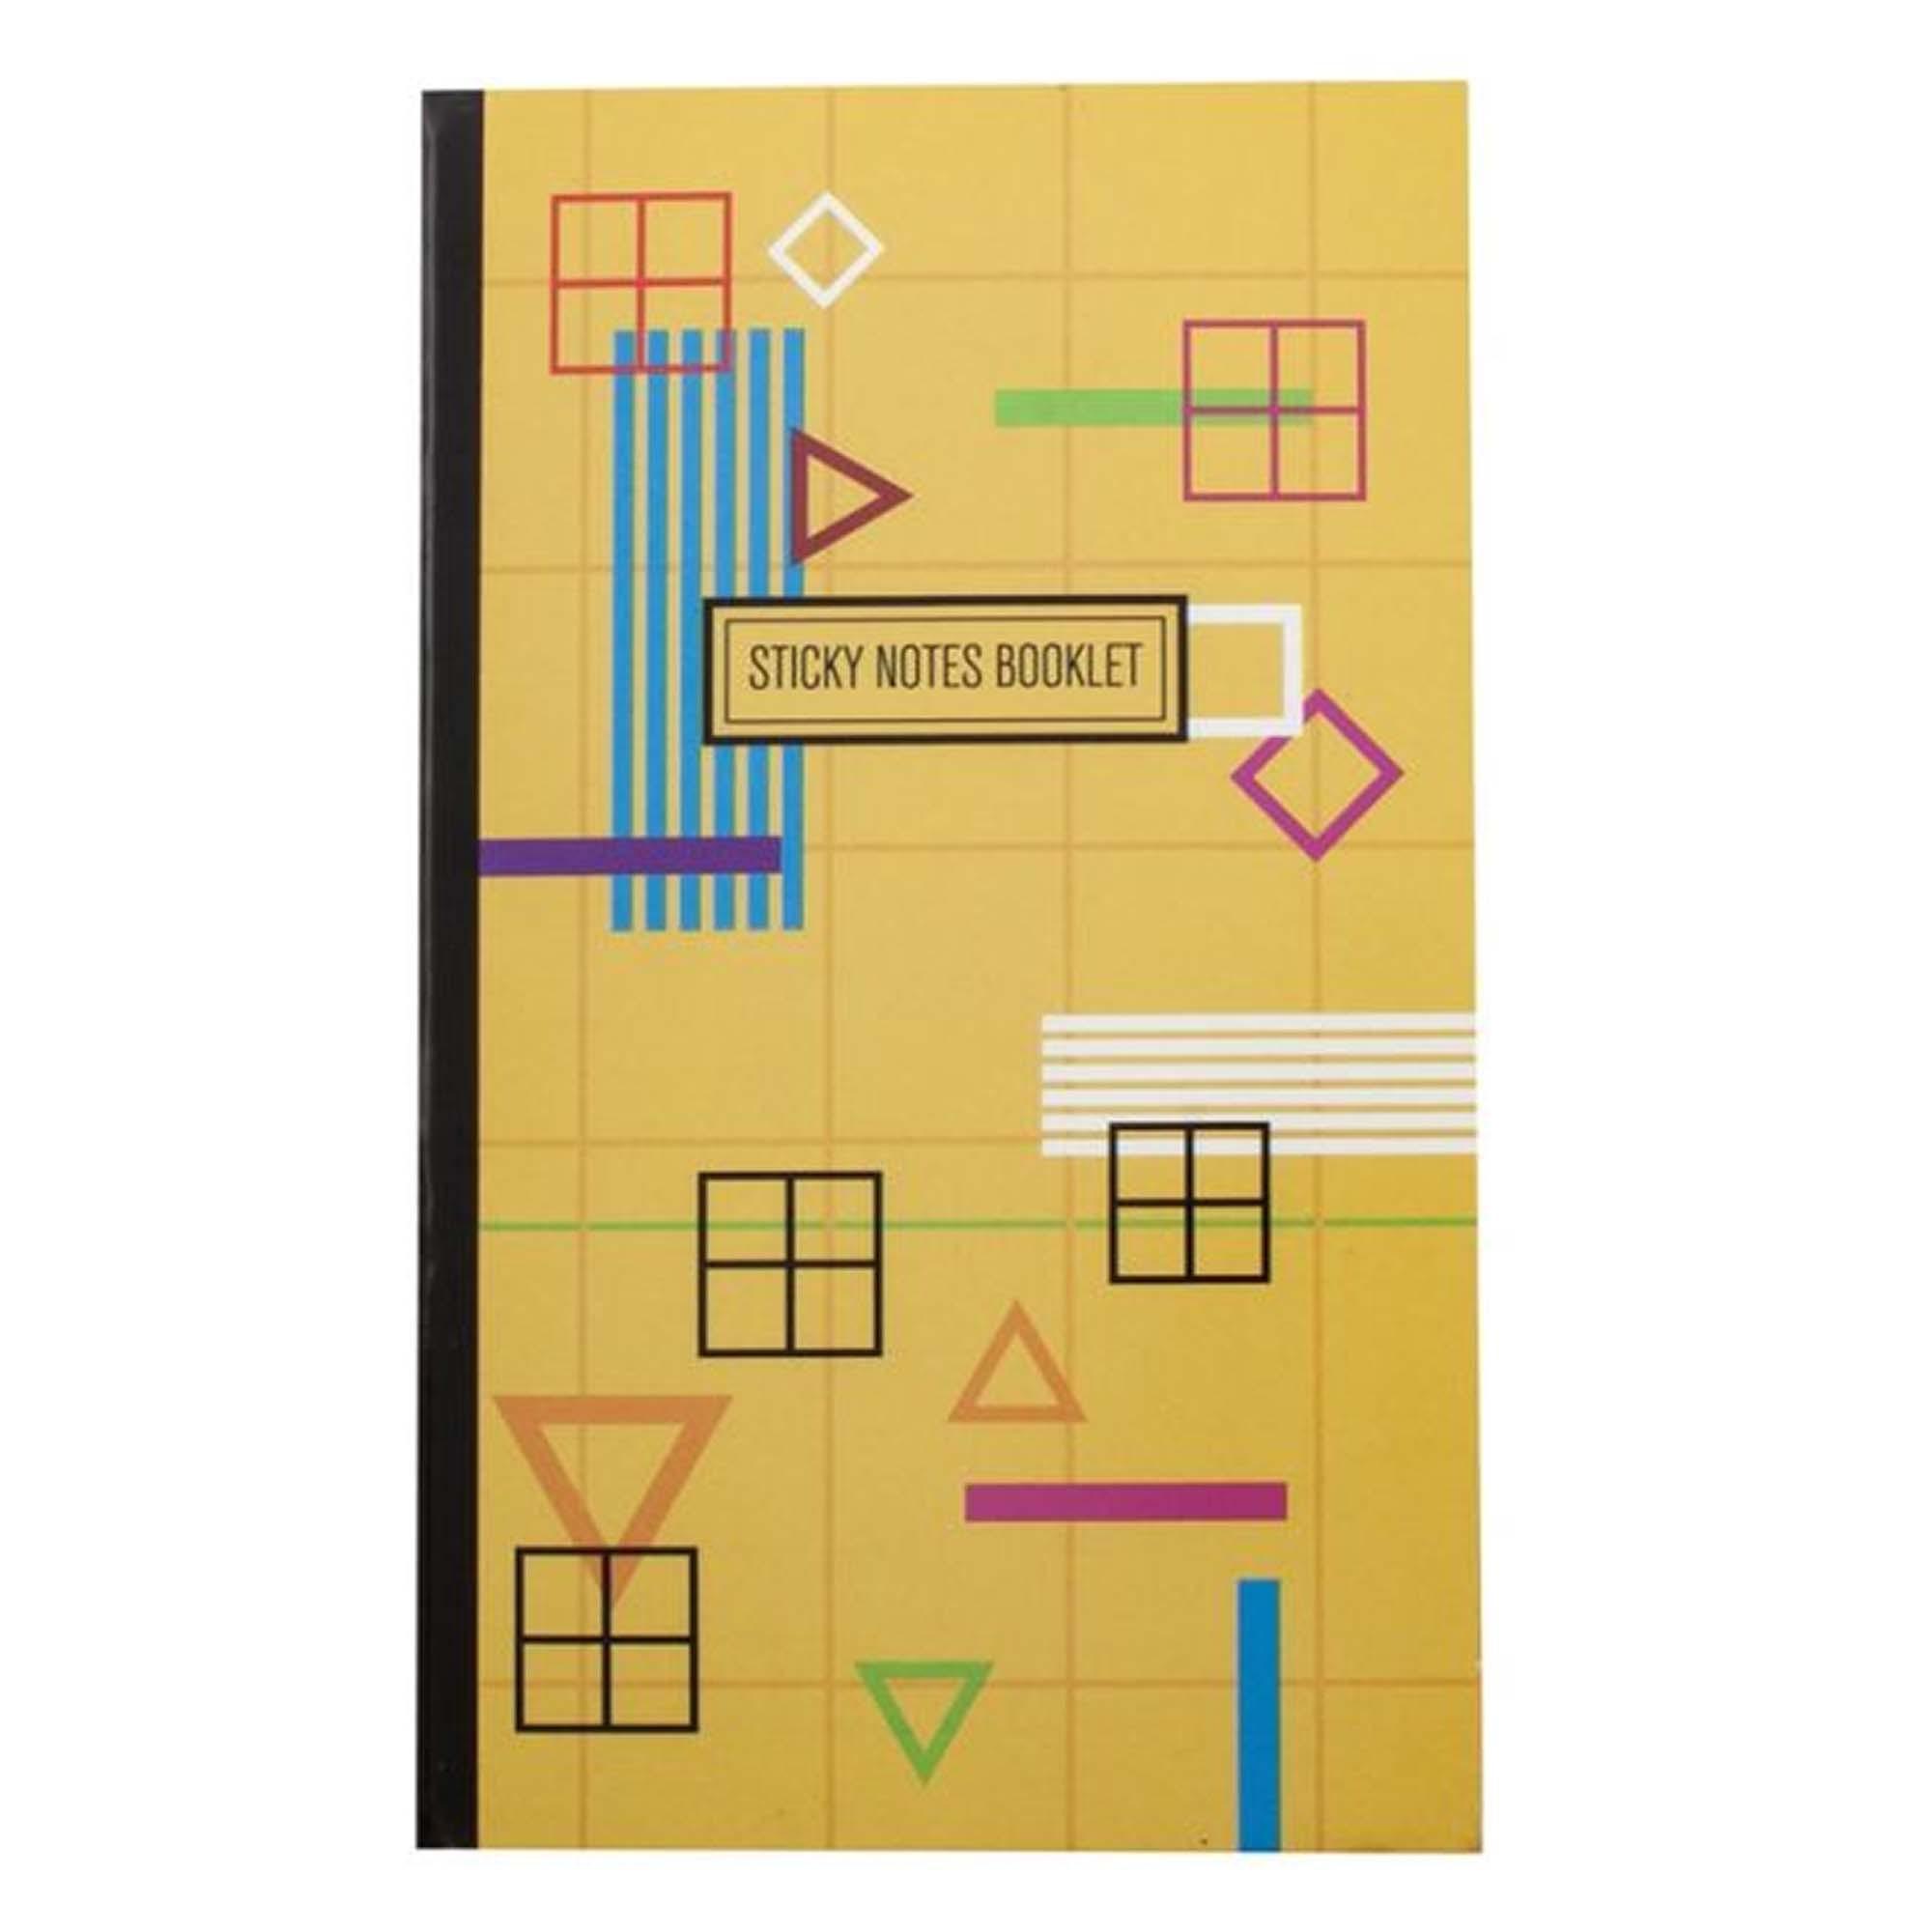 Bloco de Anotações, Adesivo, Eagle, Sticy Booklet